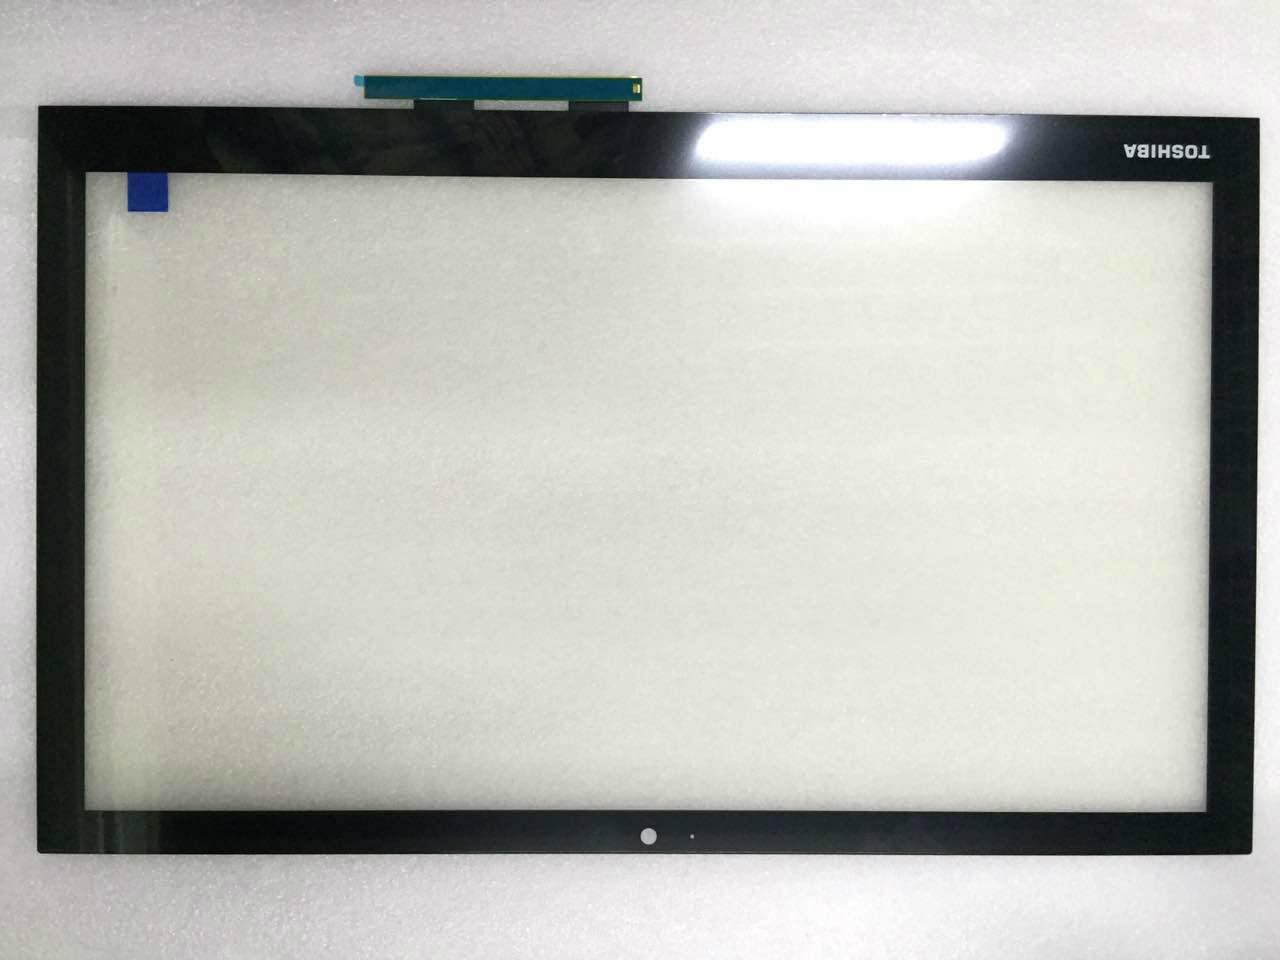 原装全新东芝P55W-C触摸屏 带框 1